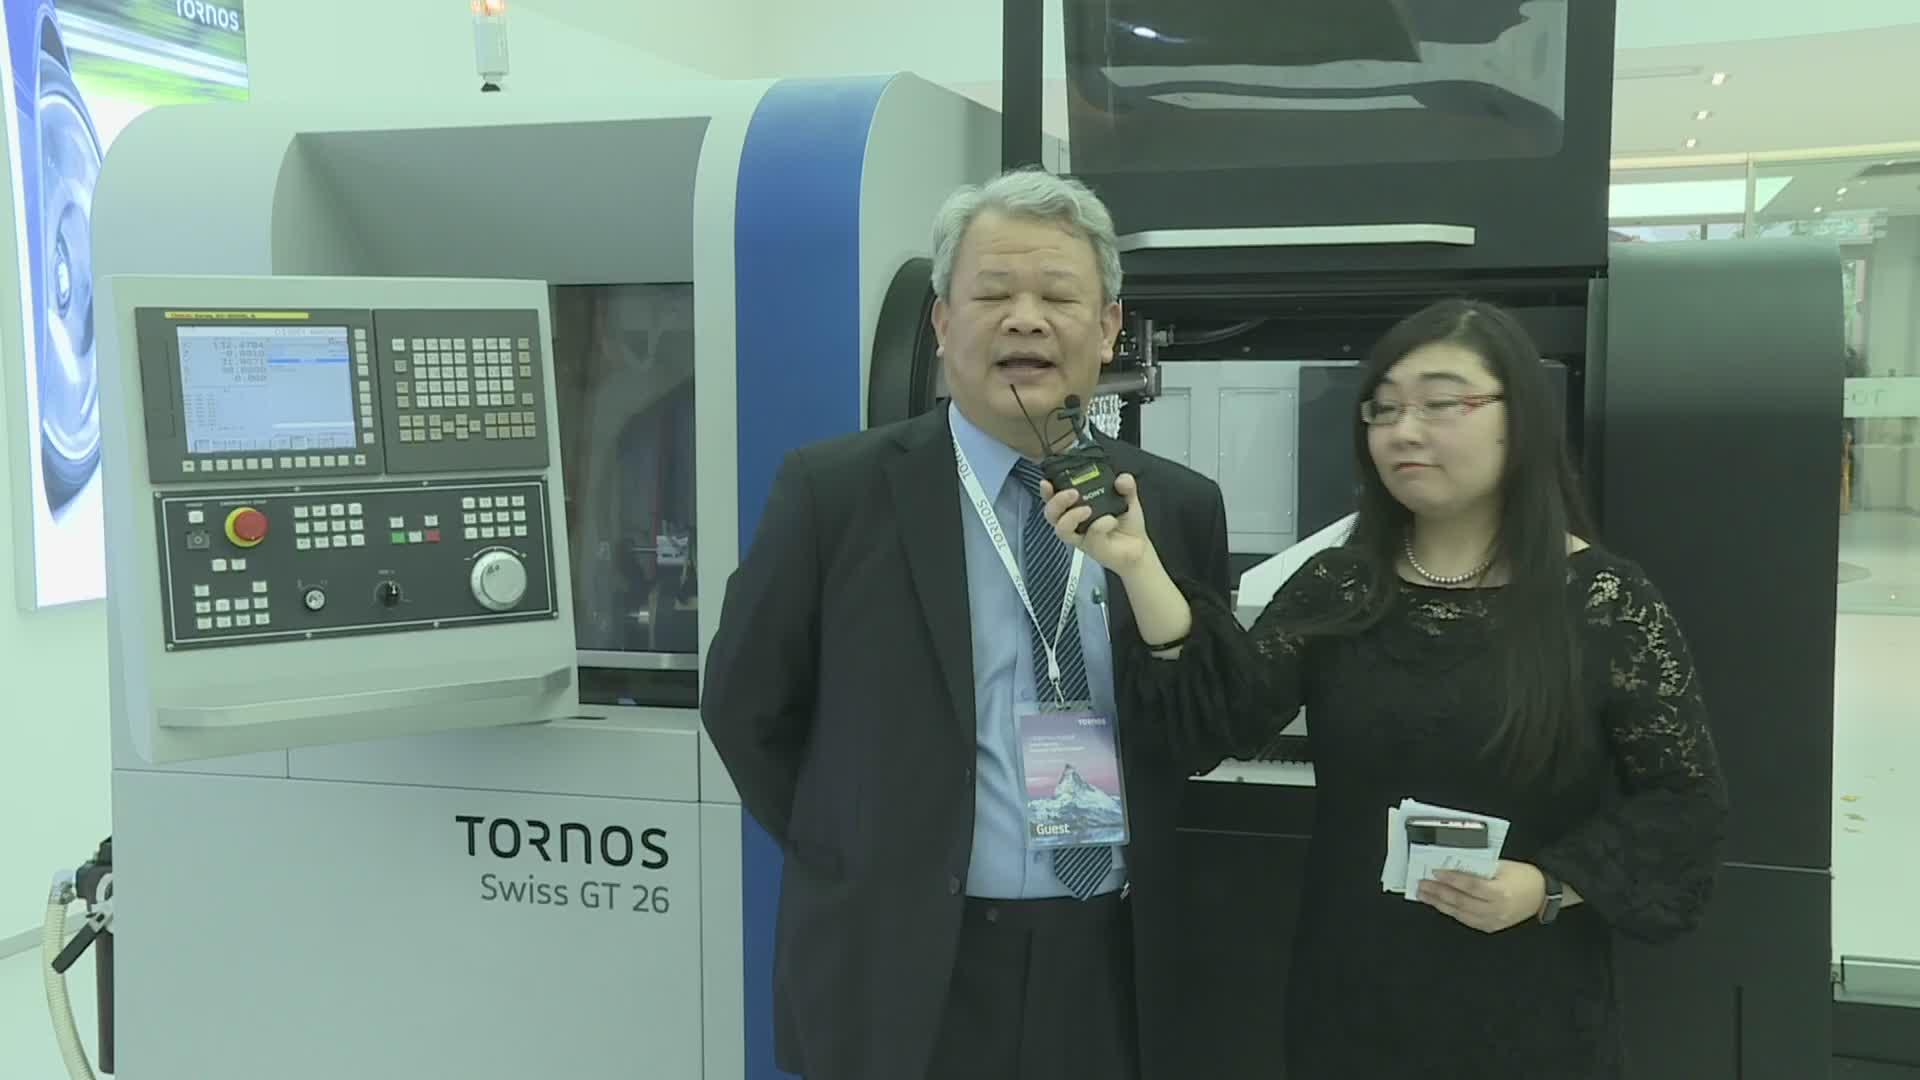 Tornos台湾工厂总经理何世维先生